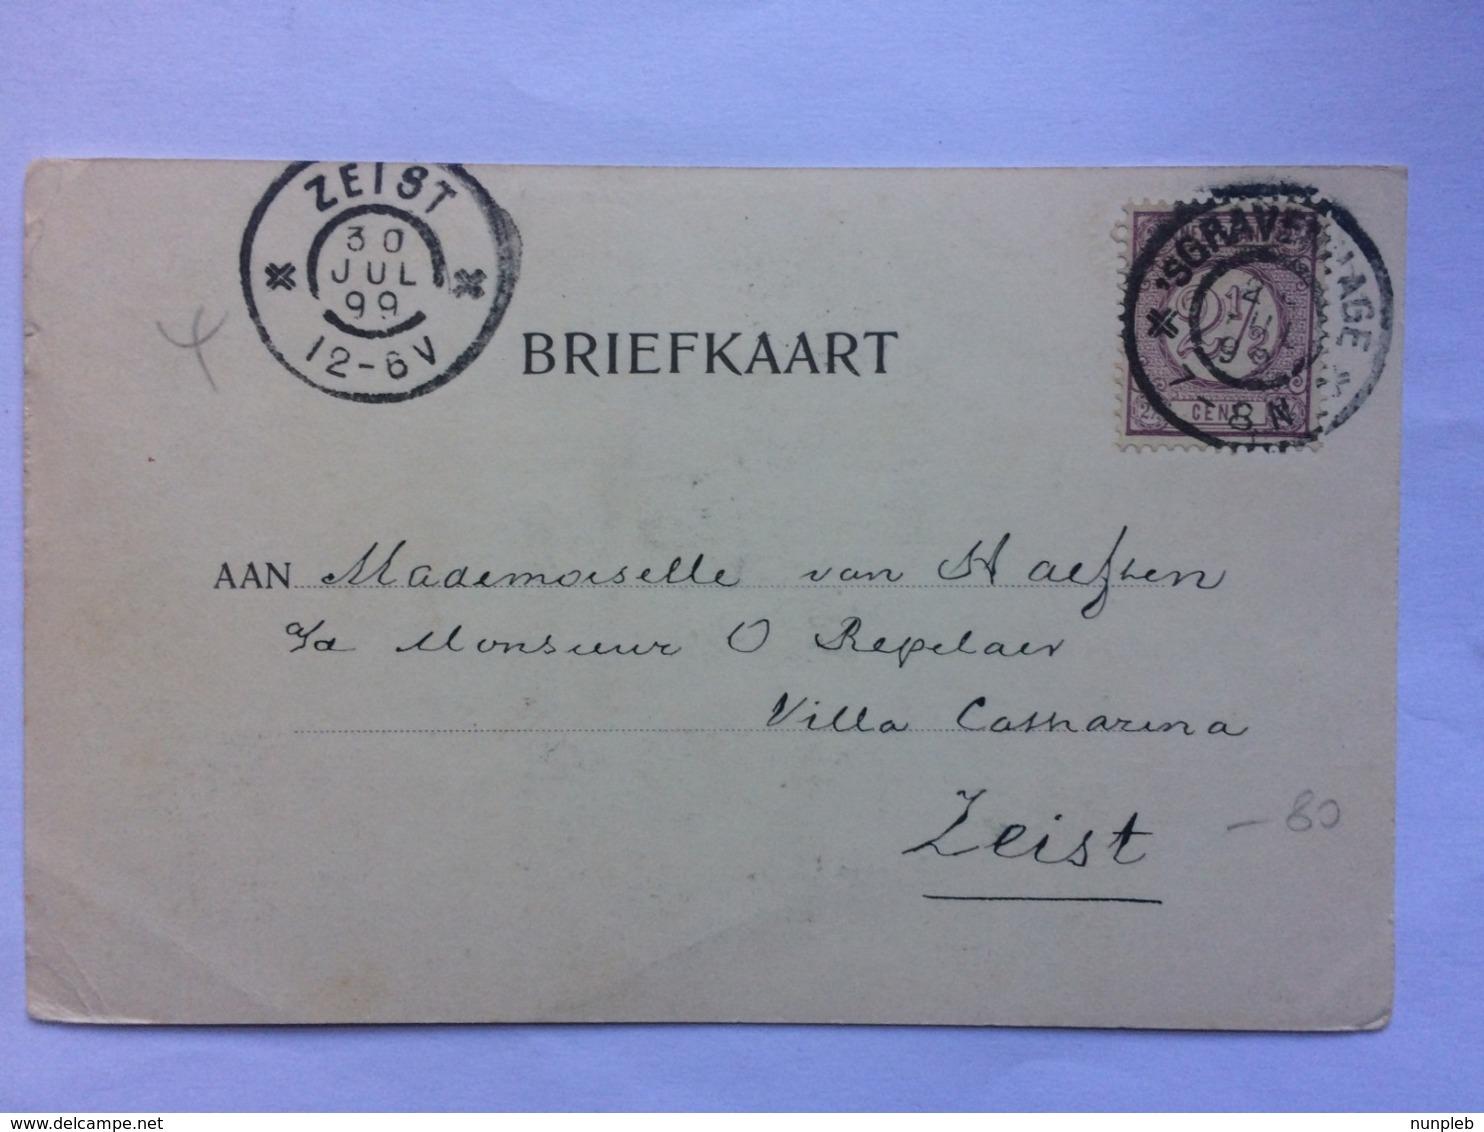 NETHERLANDS - Gravenhage - The Hague - Oranje Zaal - Huis Ten Bosch - 1899 - Den Haag ('s-Gravenhage)